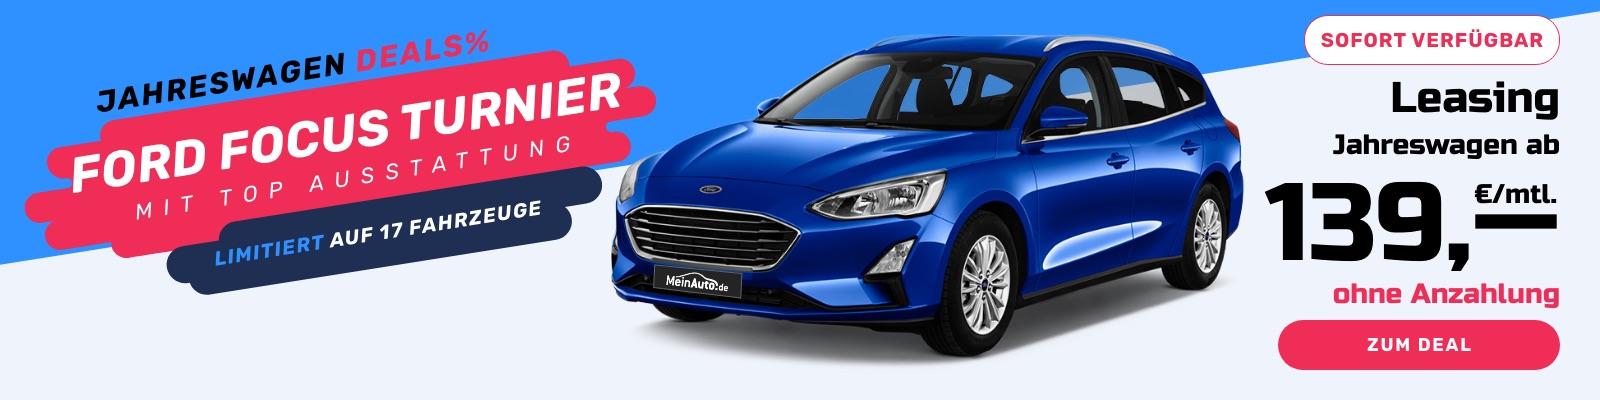 2020-04-16-ford-focus-turnier-gebrauchtwagen-leasing-deal